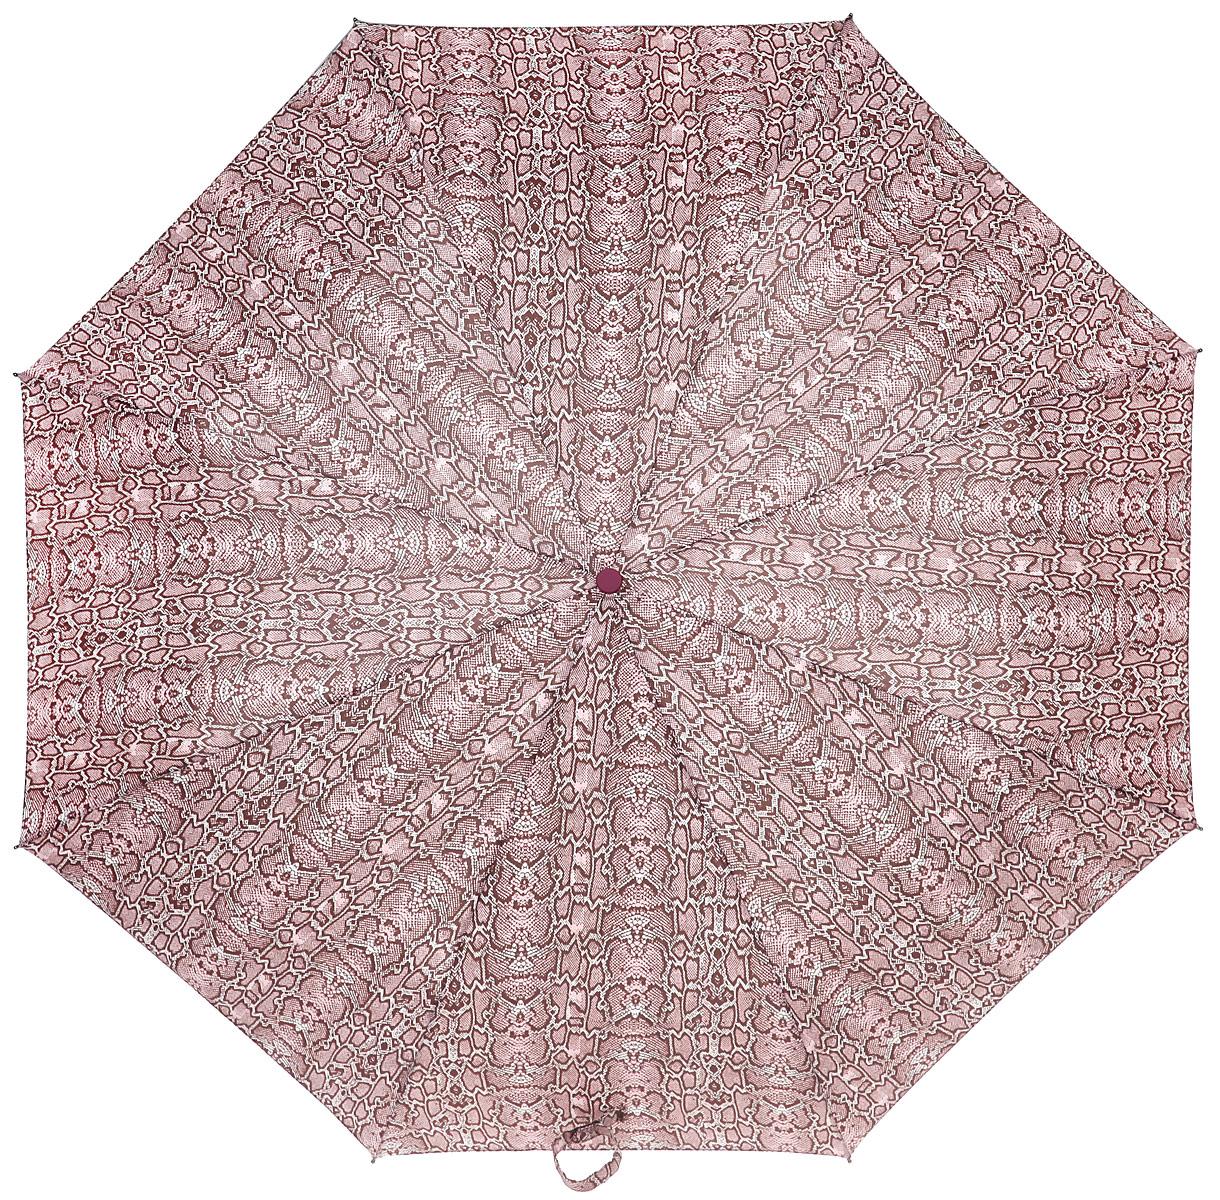 Зонт женский Labbra, автомат, 3 сложения, цвет: мультицвет. A3-05-039A3-05-039Яркий зонт Labbra оформлен оригинальным принтом. Каркас зонта изготовлен из стали и фибергласса, содержит восемь спиц, а также дополнен эргономичной рукояткой из пластика. Купол выполнен из полиэстера с водоотталкивающей пропиткой. Зонт имеет автоматический механизм сложения: купол открывается и закрывается нажатием кнопки на рукоятке, стержень складывается вручную до характерного щелчка, благодаря чему открыть и закрыть зонт можно одной рукой, что чрезвычайно удобно при входе в транспорт или помещение. Рукоятка дополнена удобной петлей. К зонту прилагается чехол. Практичный аксессуар даже в ненастную погоду позволит вам оставаться стильной и элегантной.